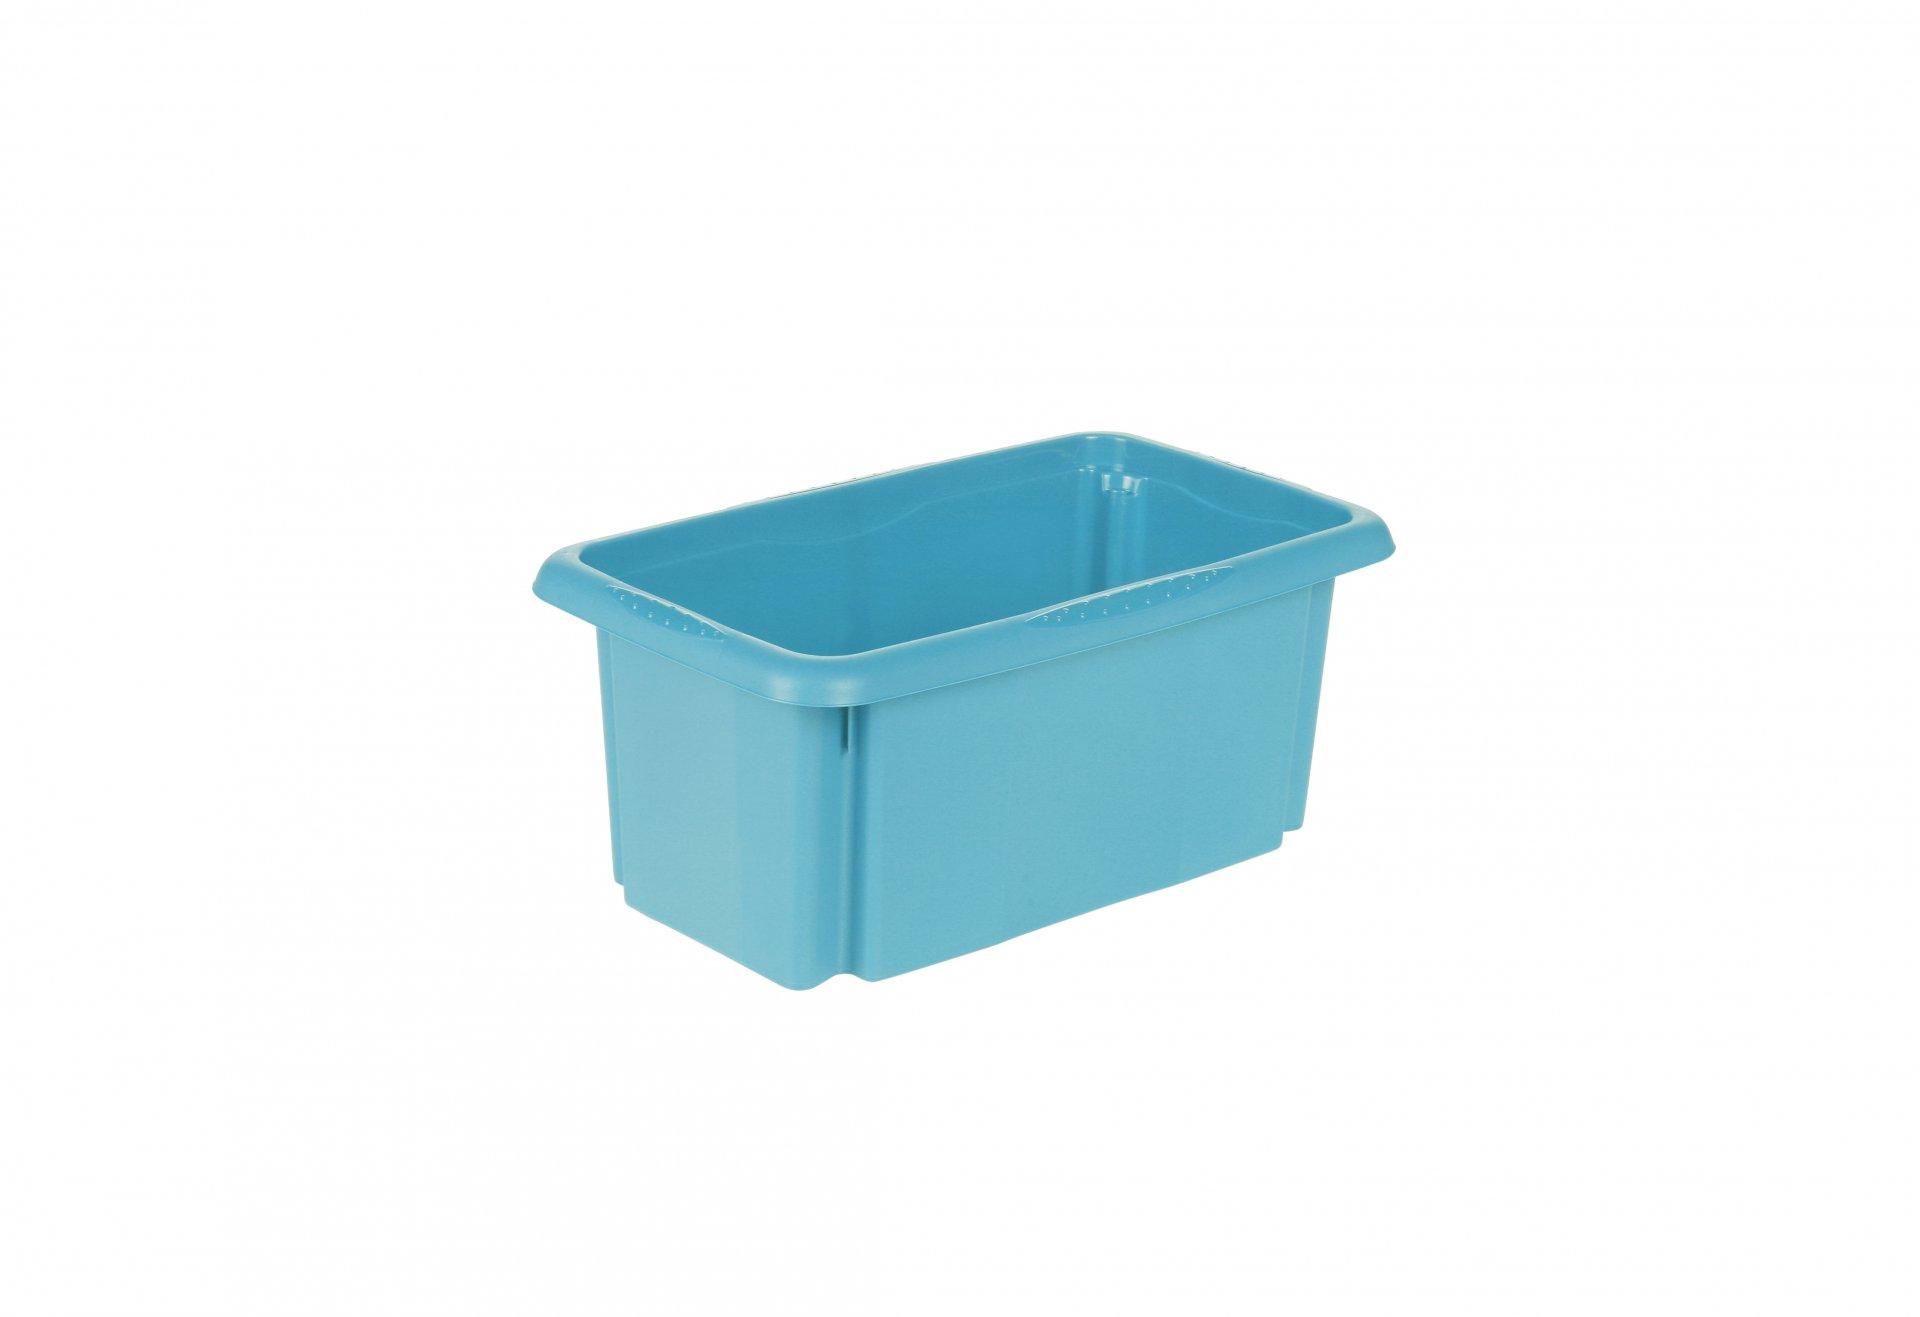 Keeeper Úložný box emil, modrý 7L